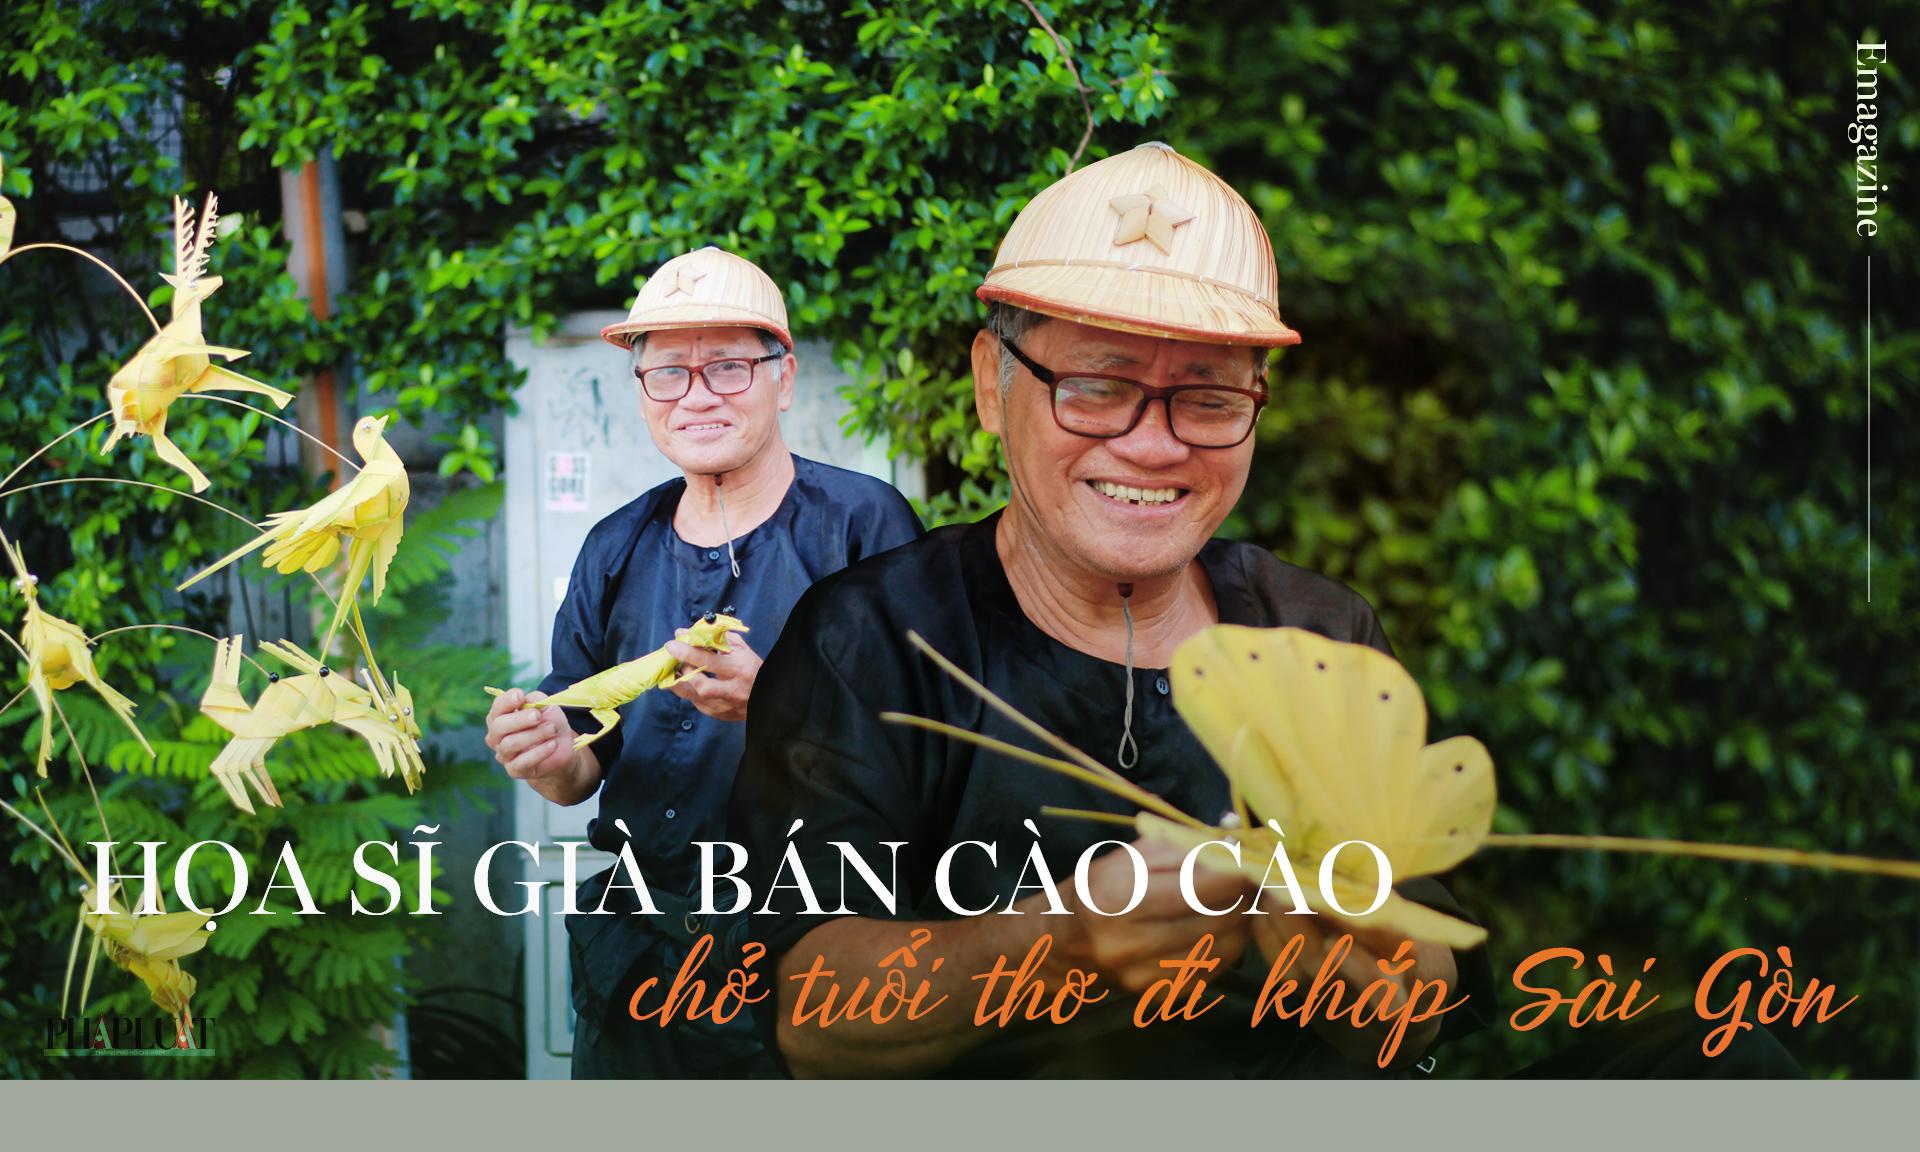 Họa sĩ già bán cào cào chở tuổi thơ đi khắp Sài Gòn